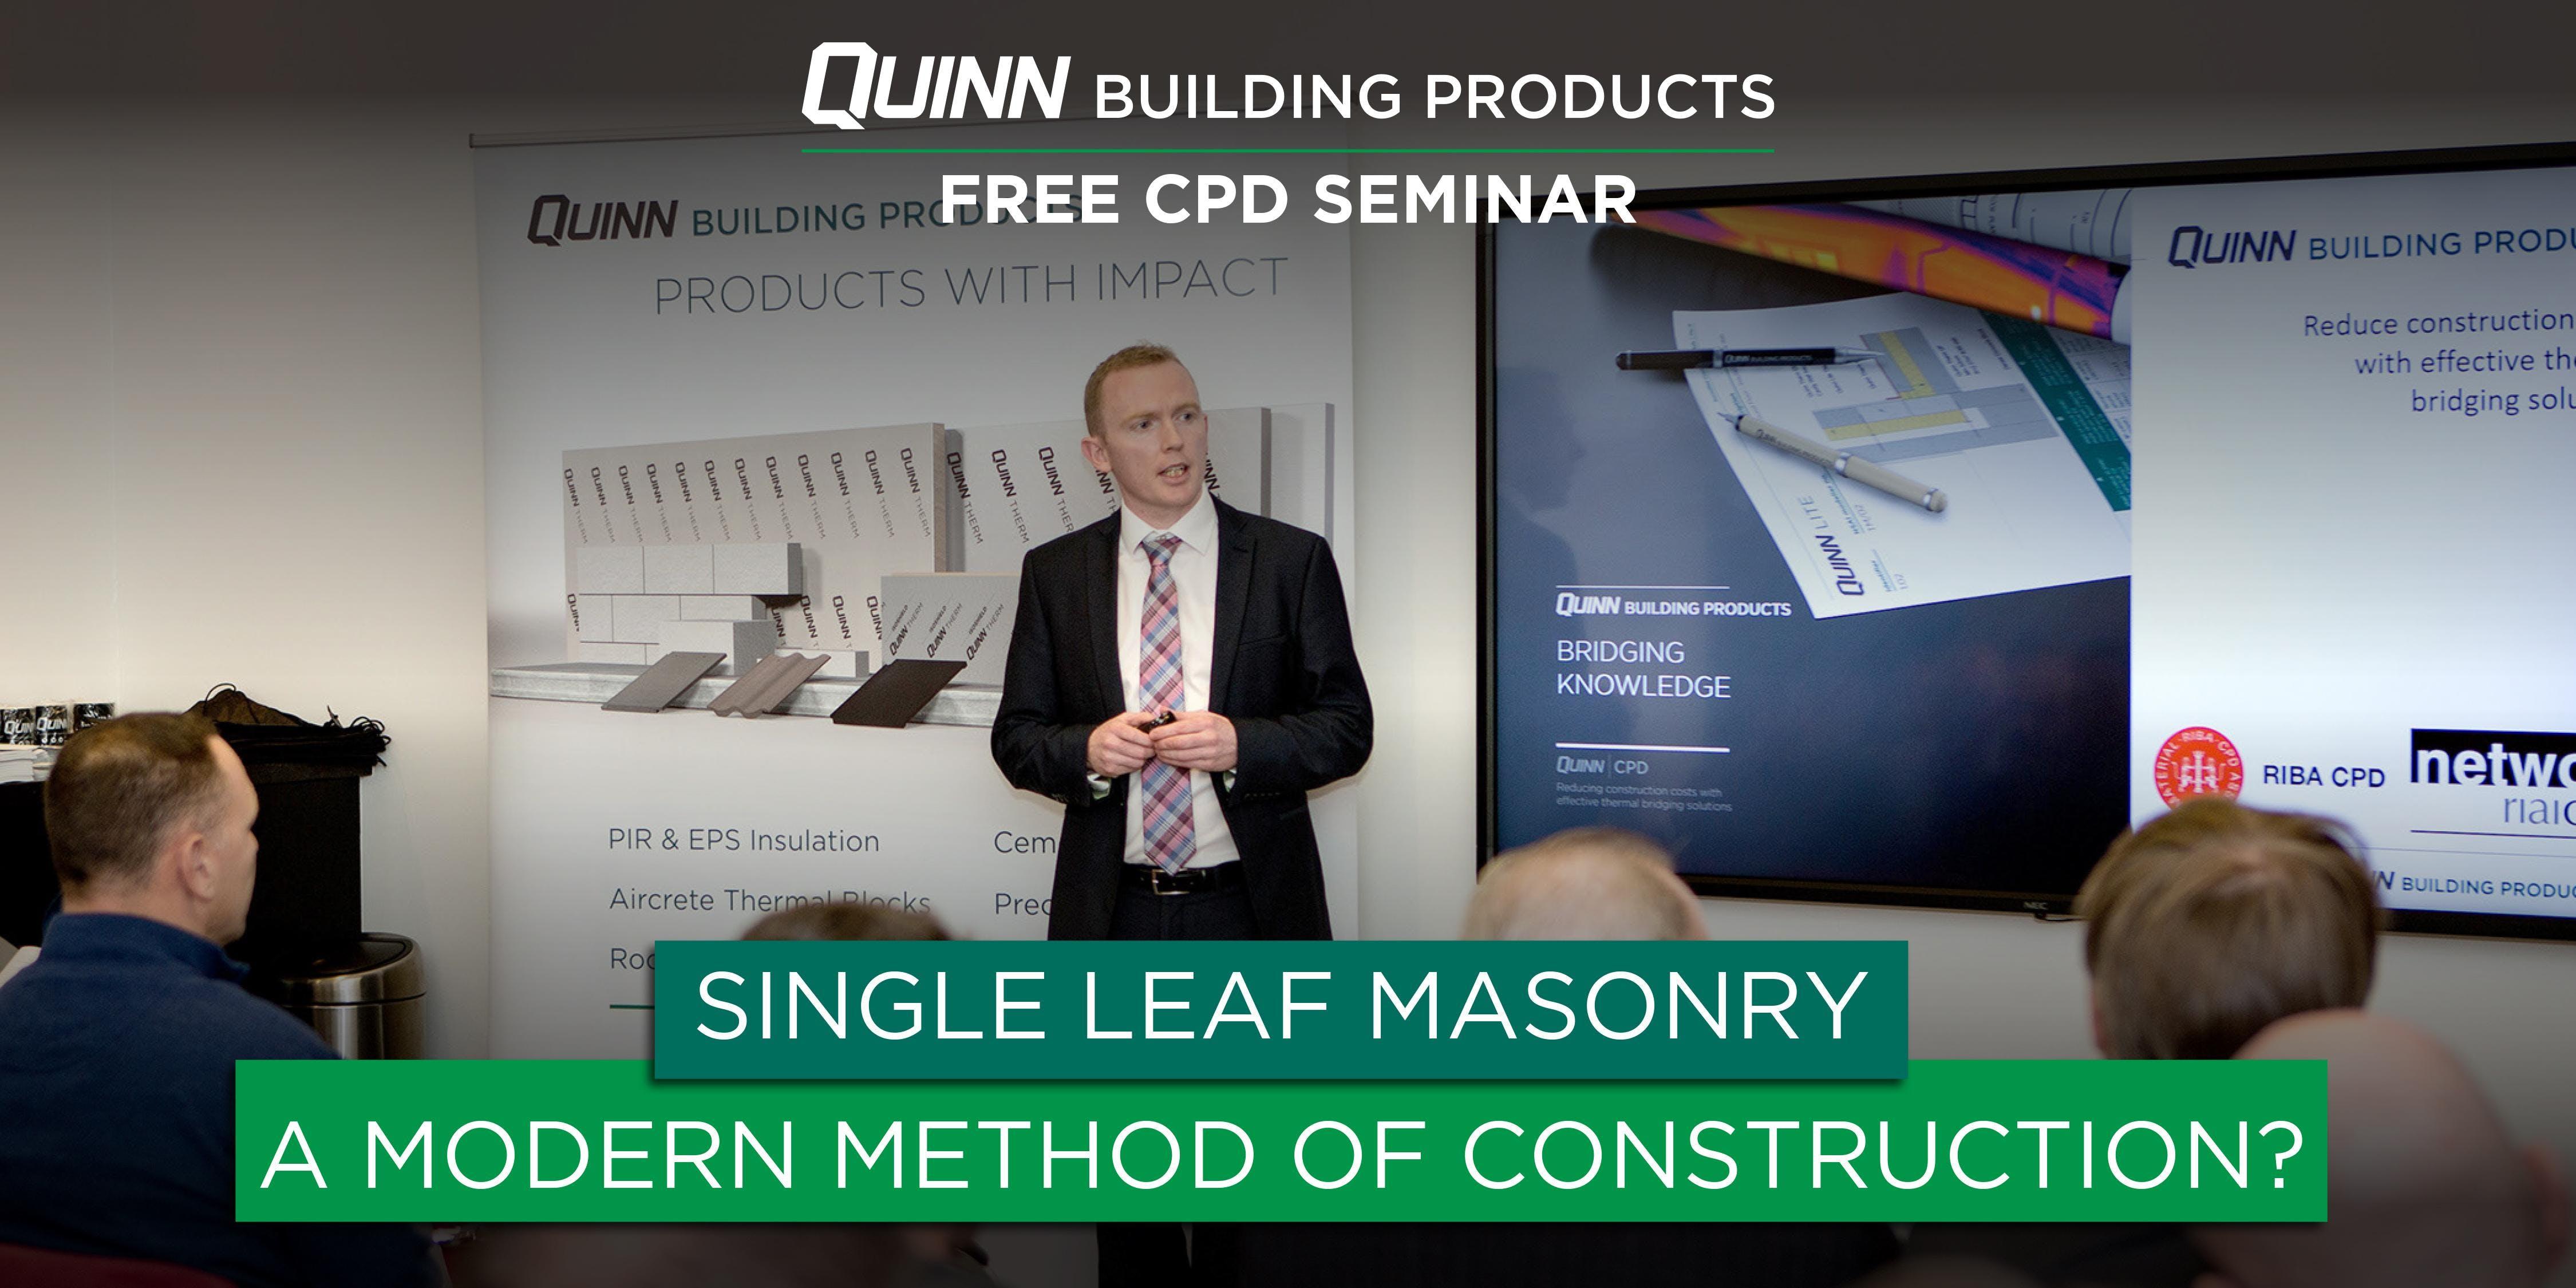 Wexford CPD Seminar: Single Leaf Masonry - A Modern Method of Construction?